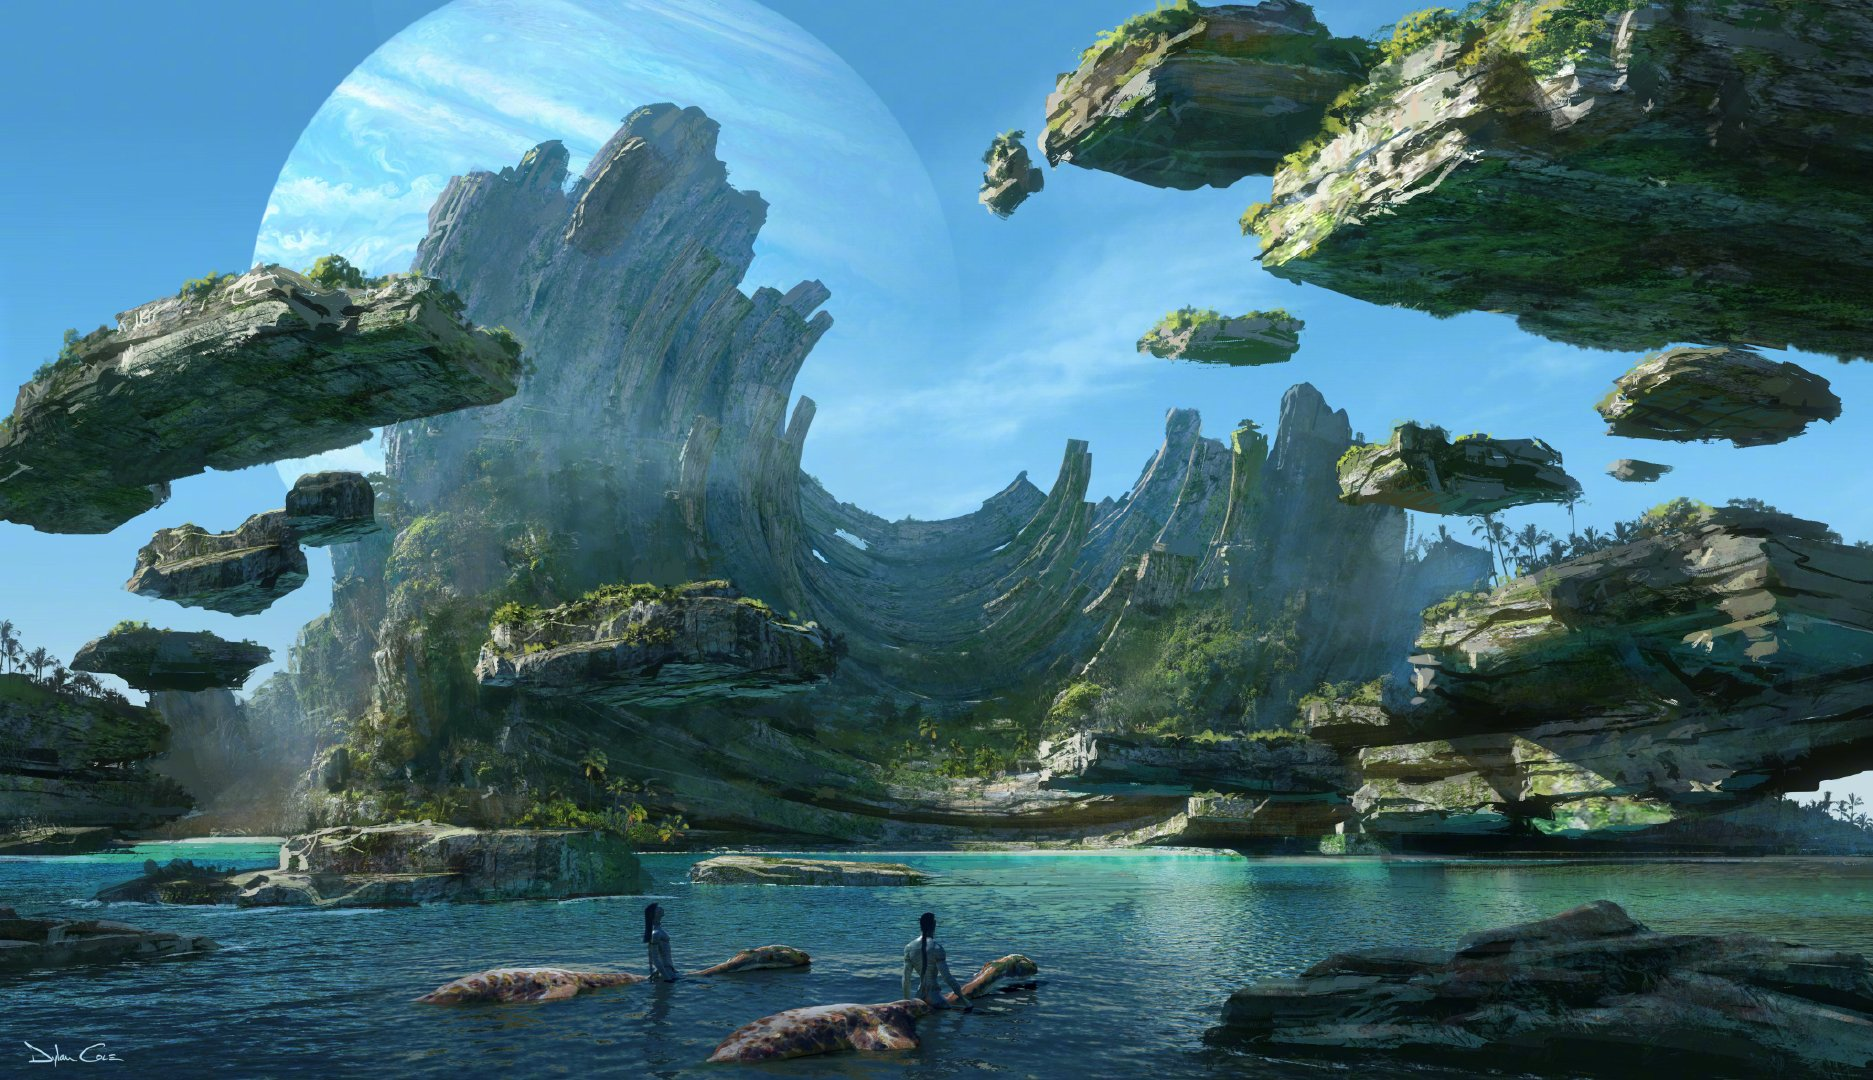 《阿凡达2》发布高清概念图,将探索新地区图片